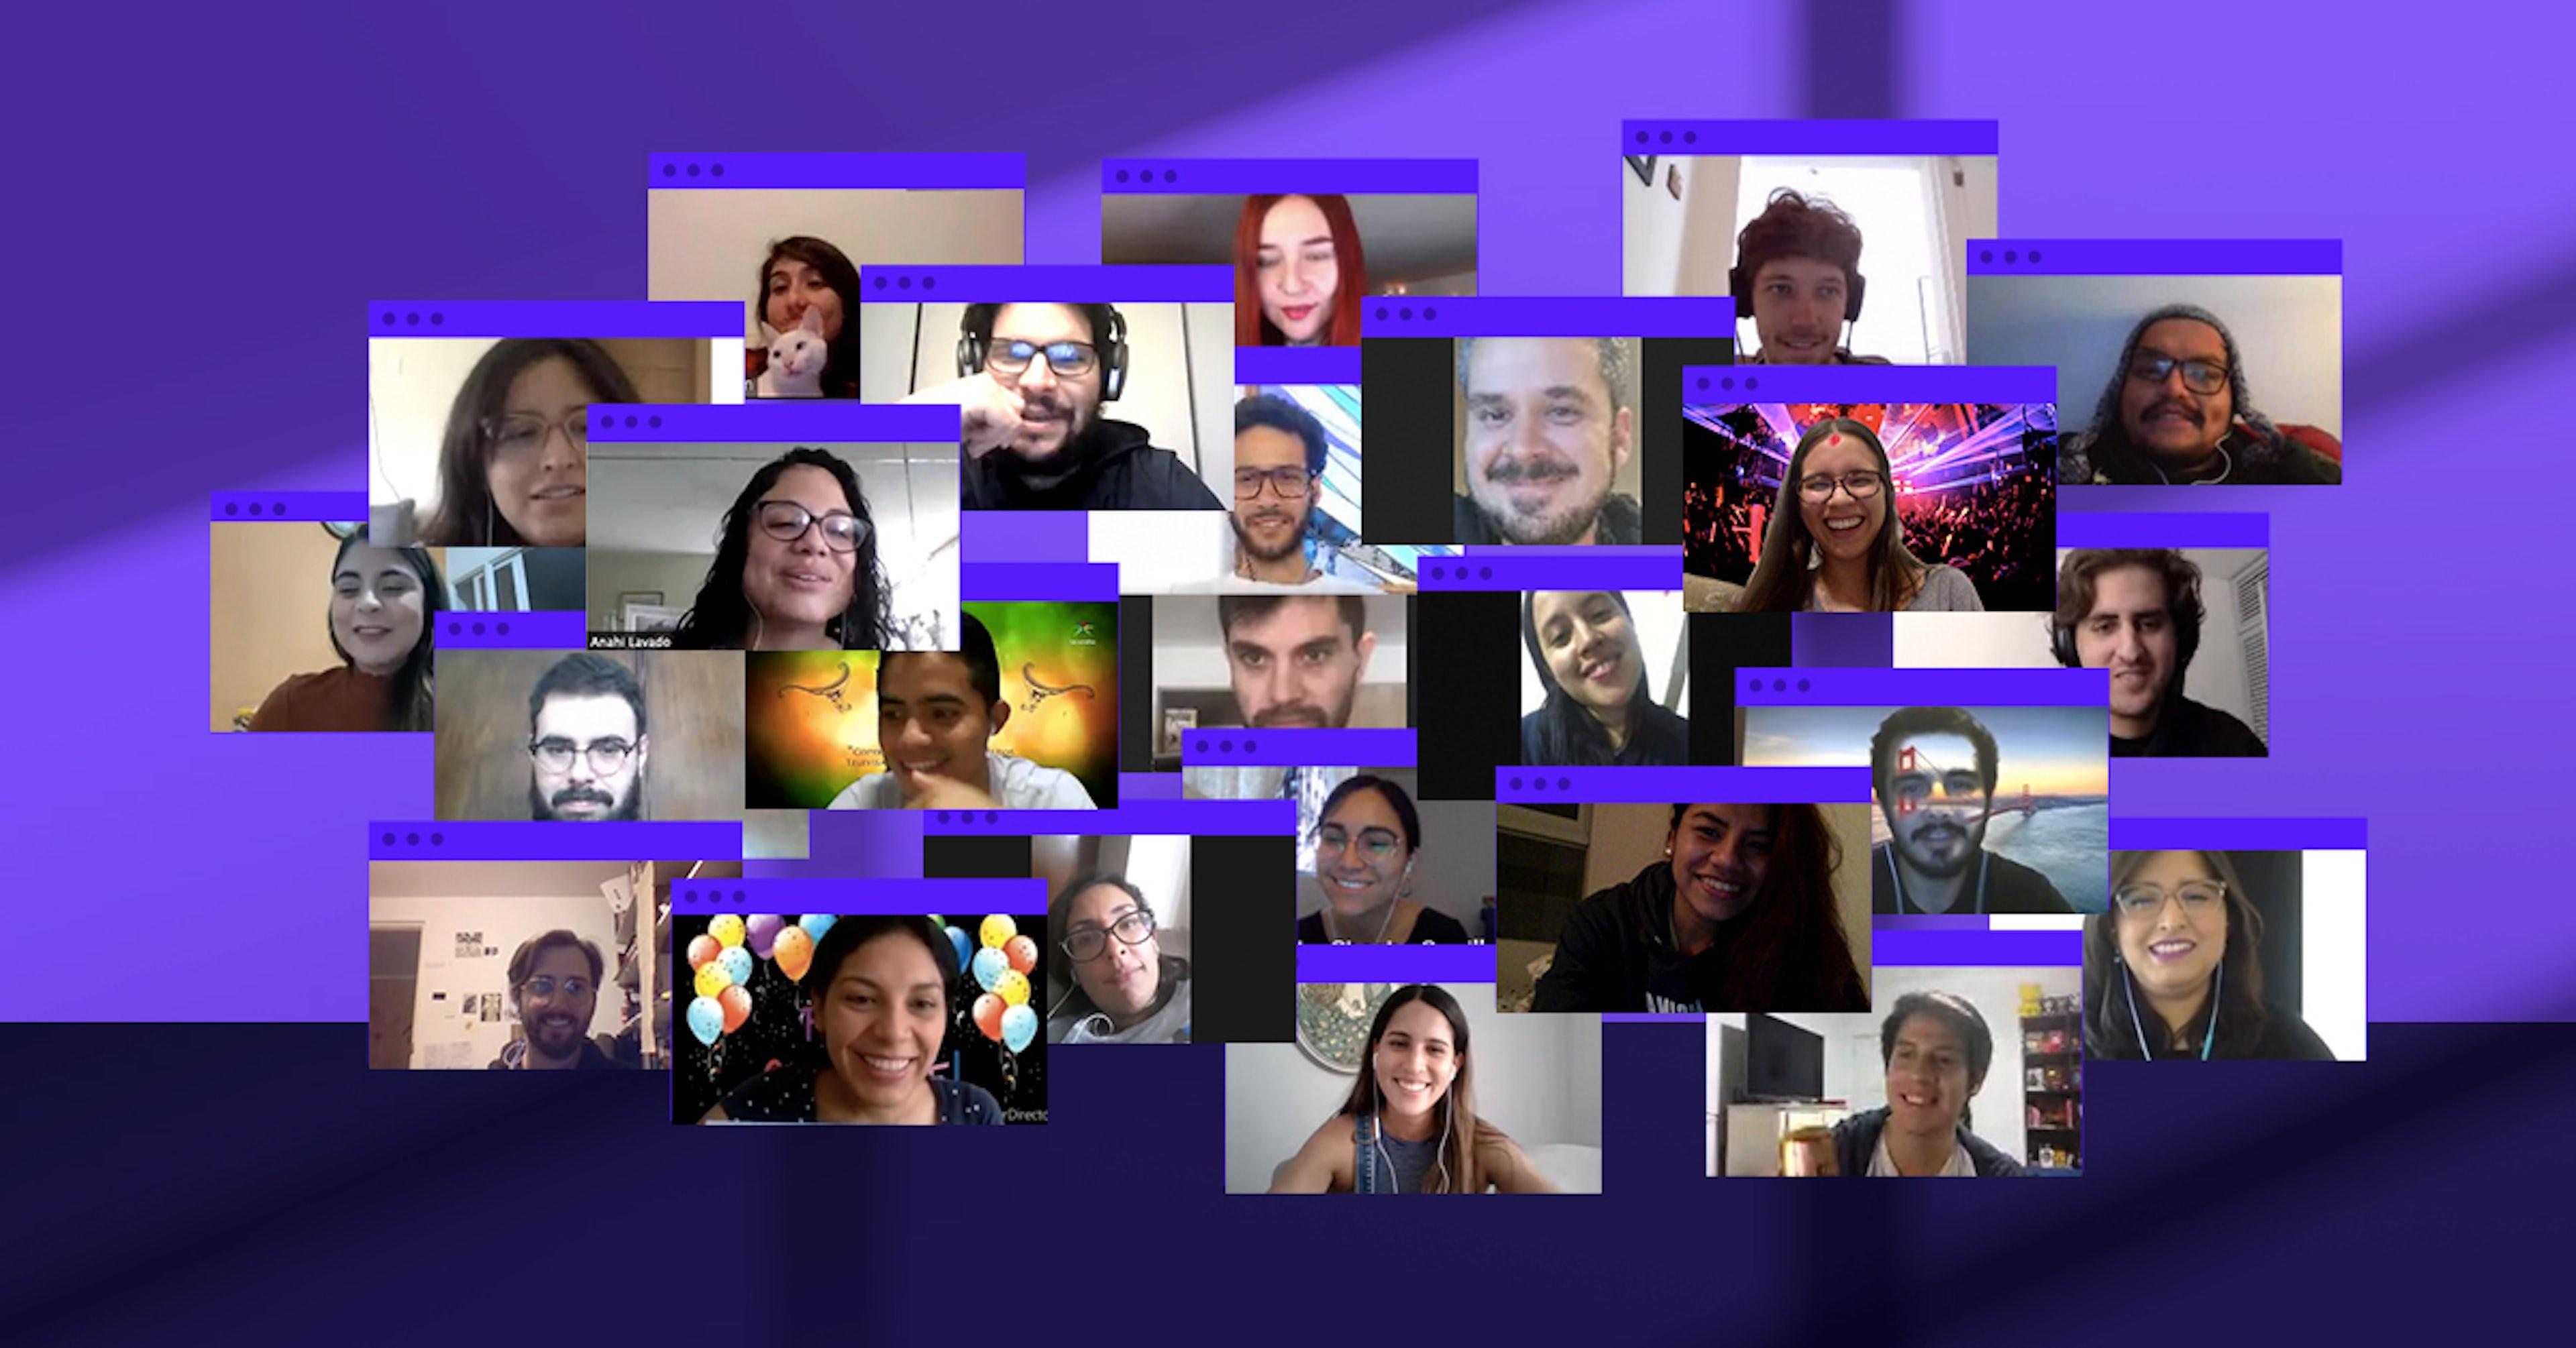 Crehana 2020: Un año de desafíos, aprendizaje y reflexión